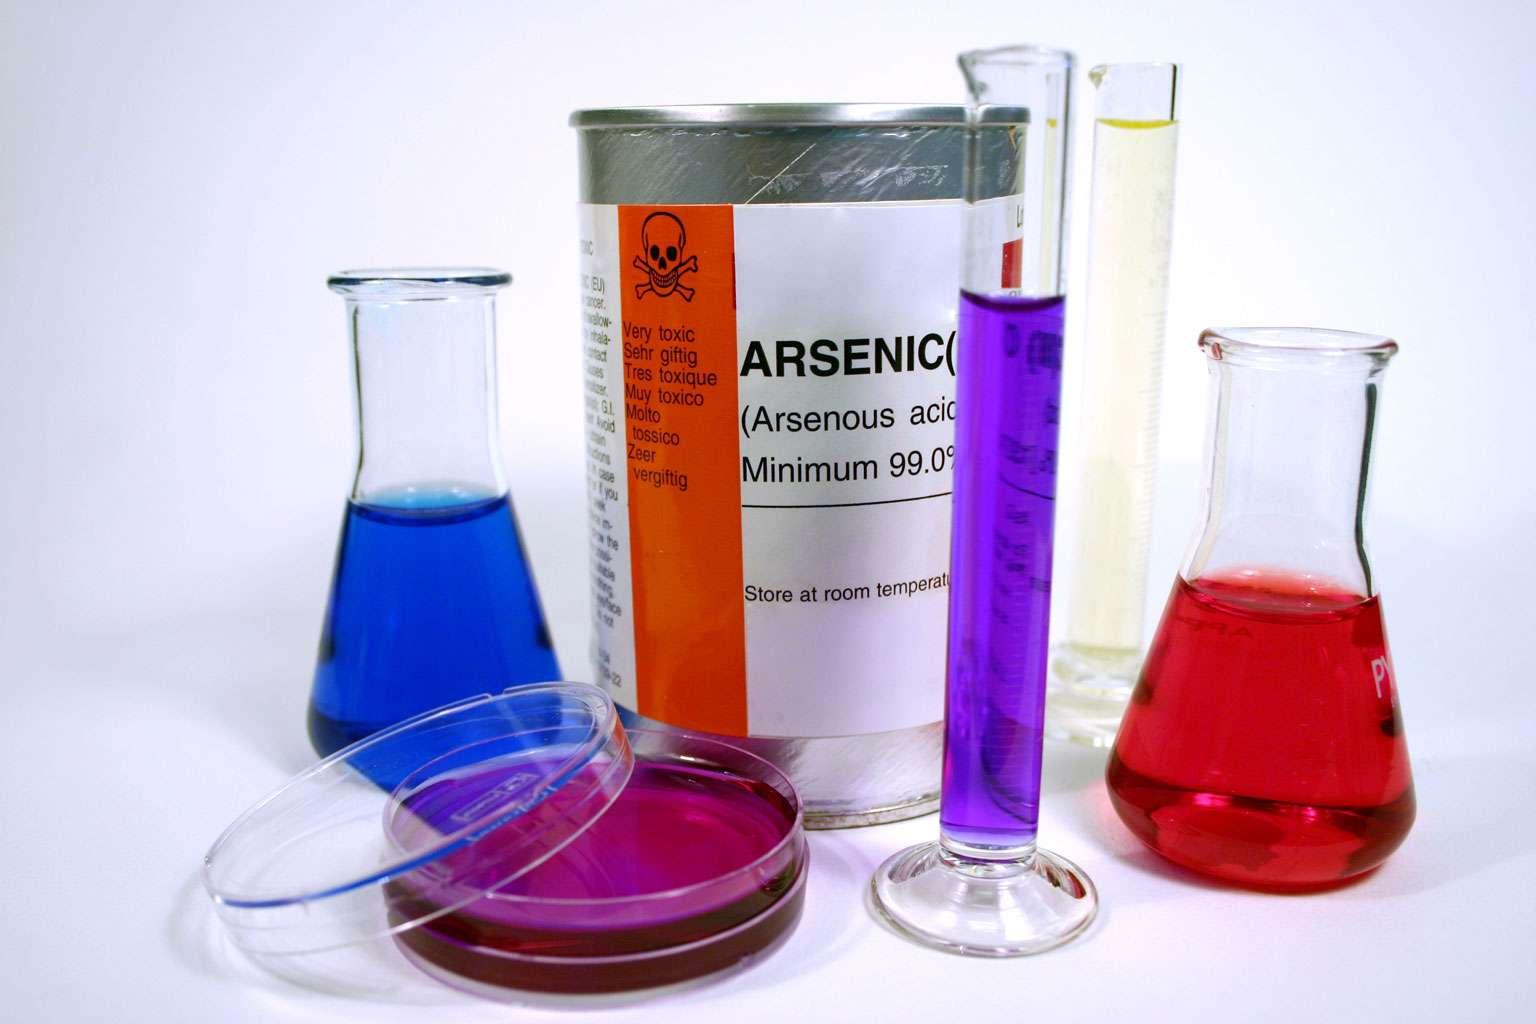 L'arsenic, pas seulement un poison - Crédit : Danielle Bonardelle - Fotolia